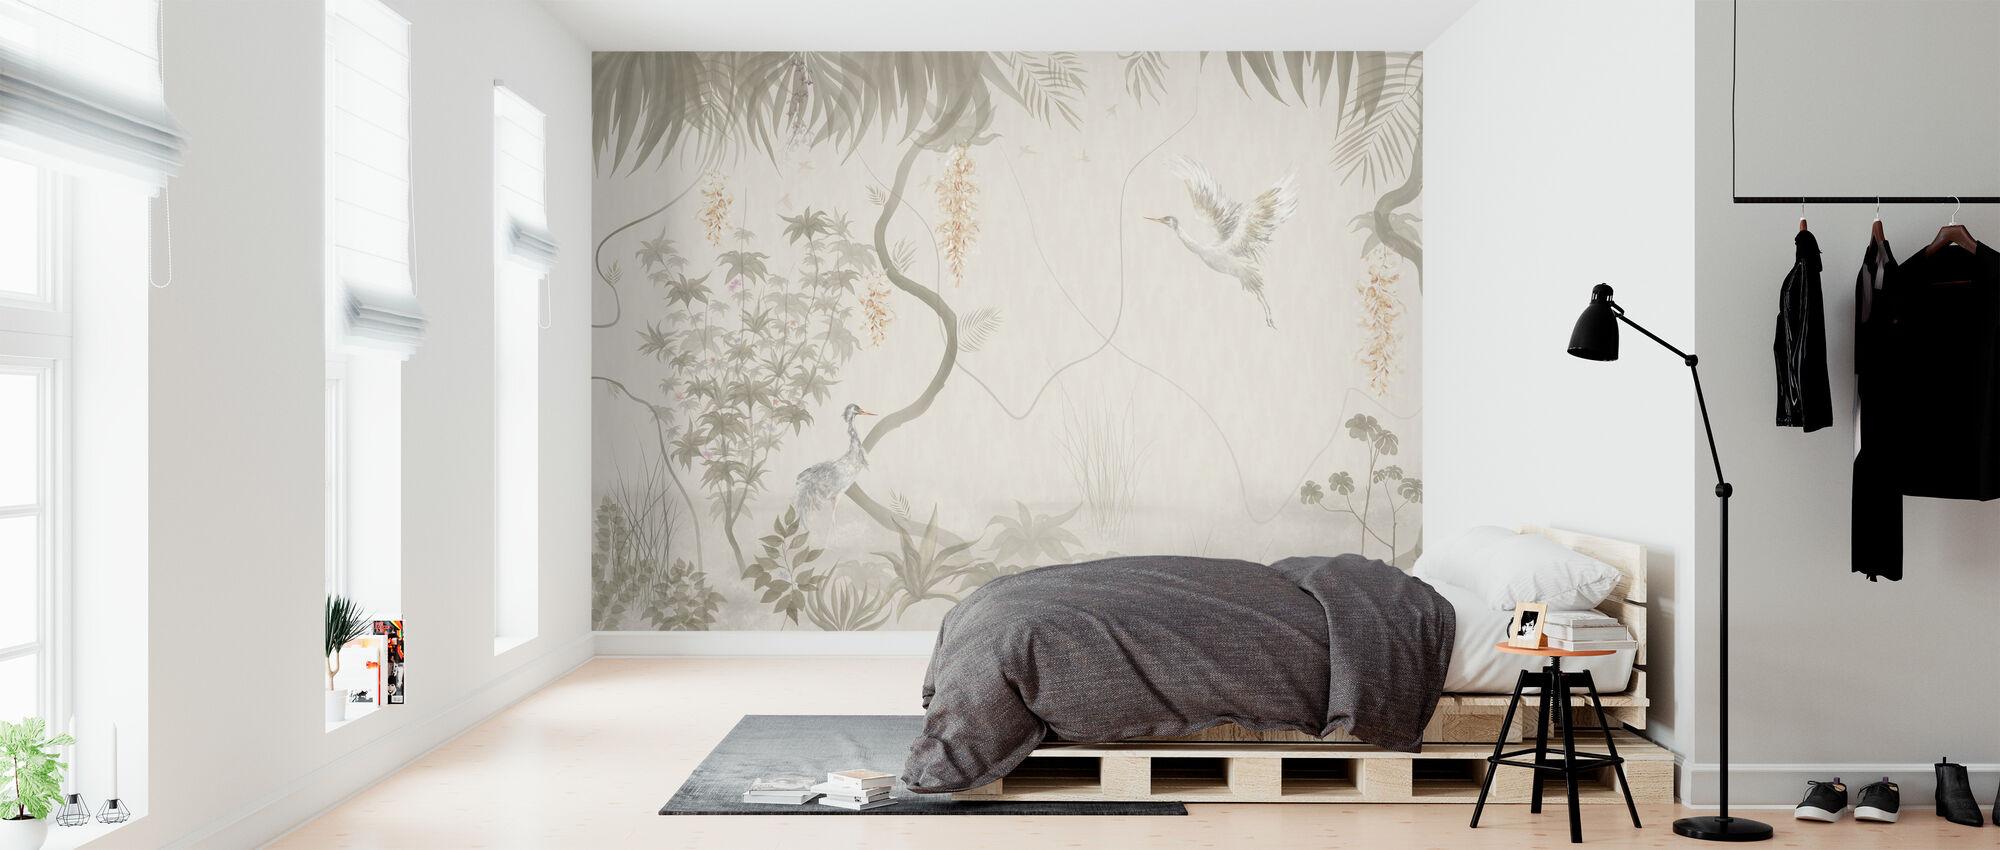 Tranquil Scenery - Beige - Wallpaper - Bedroom